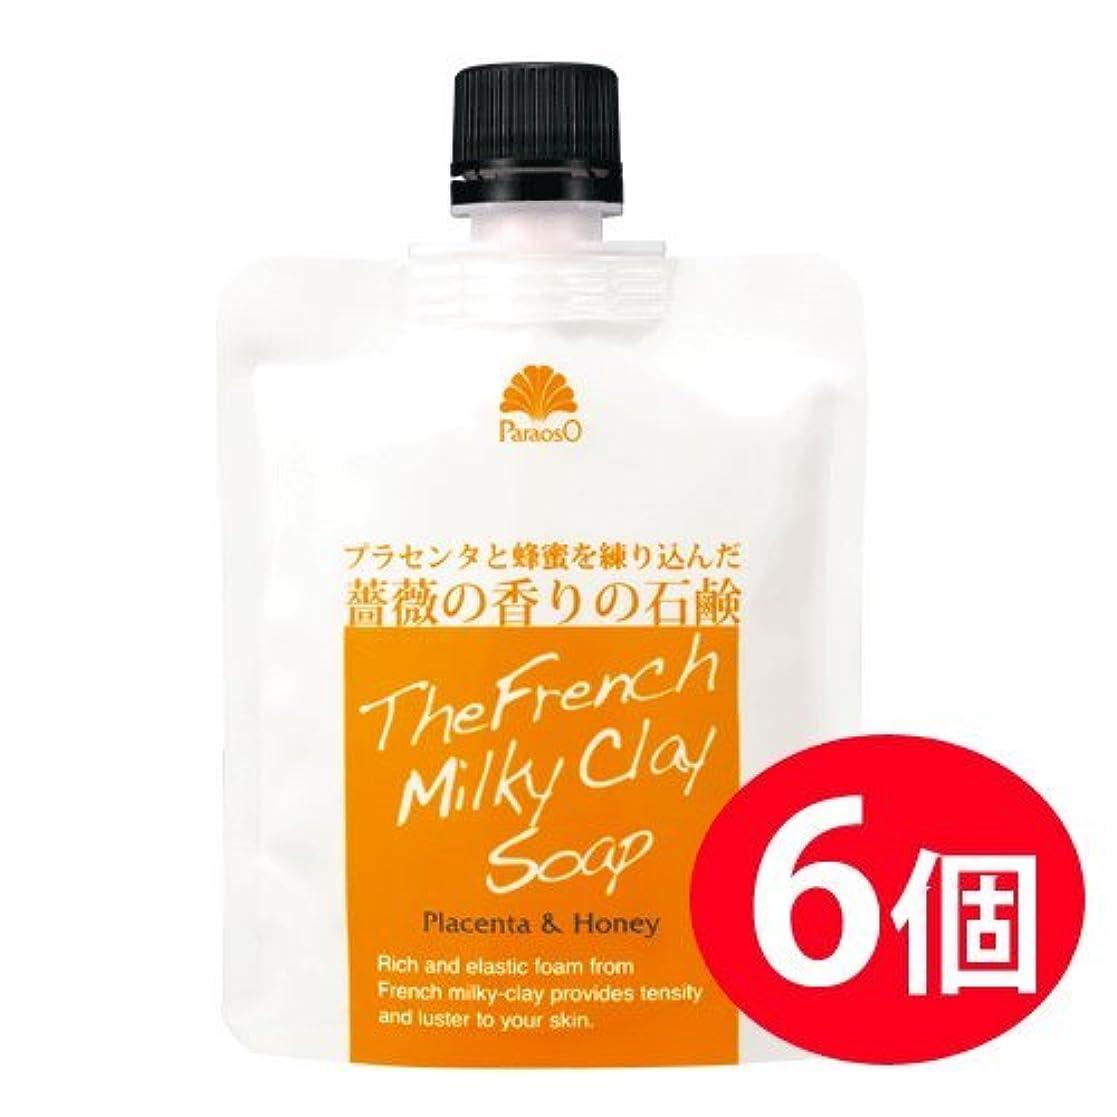 電気的パーク段階プラセンタと蜂蜜を練り込んだ薔薇の香りの生石鹸 パラオソフレンチクレイソープ 6個